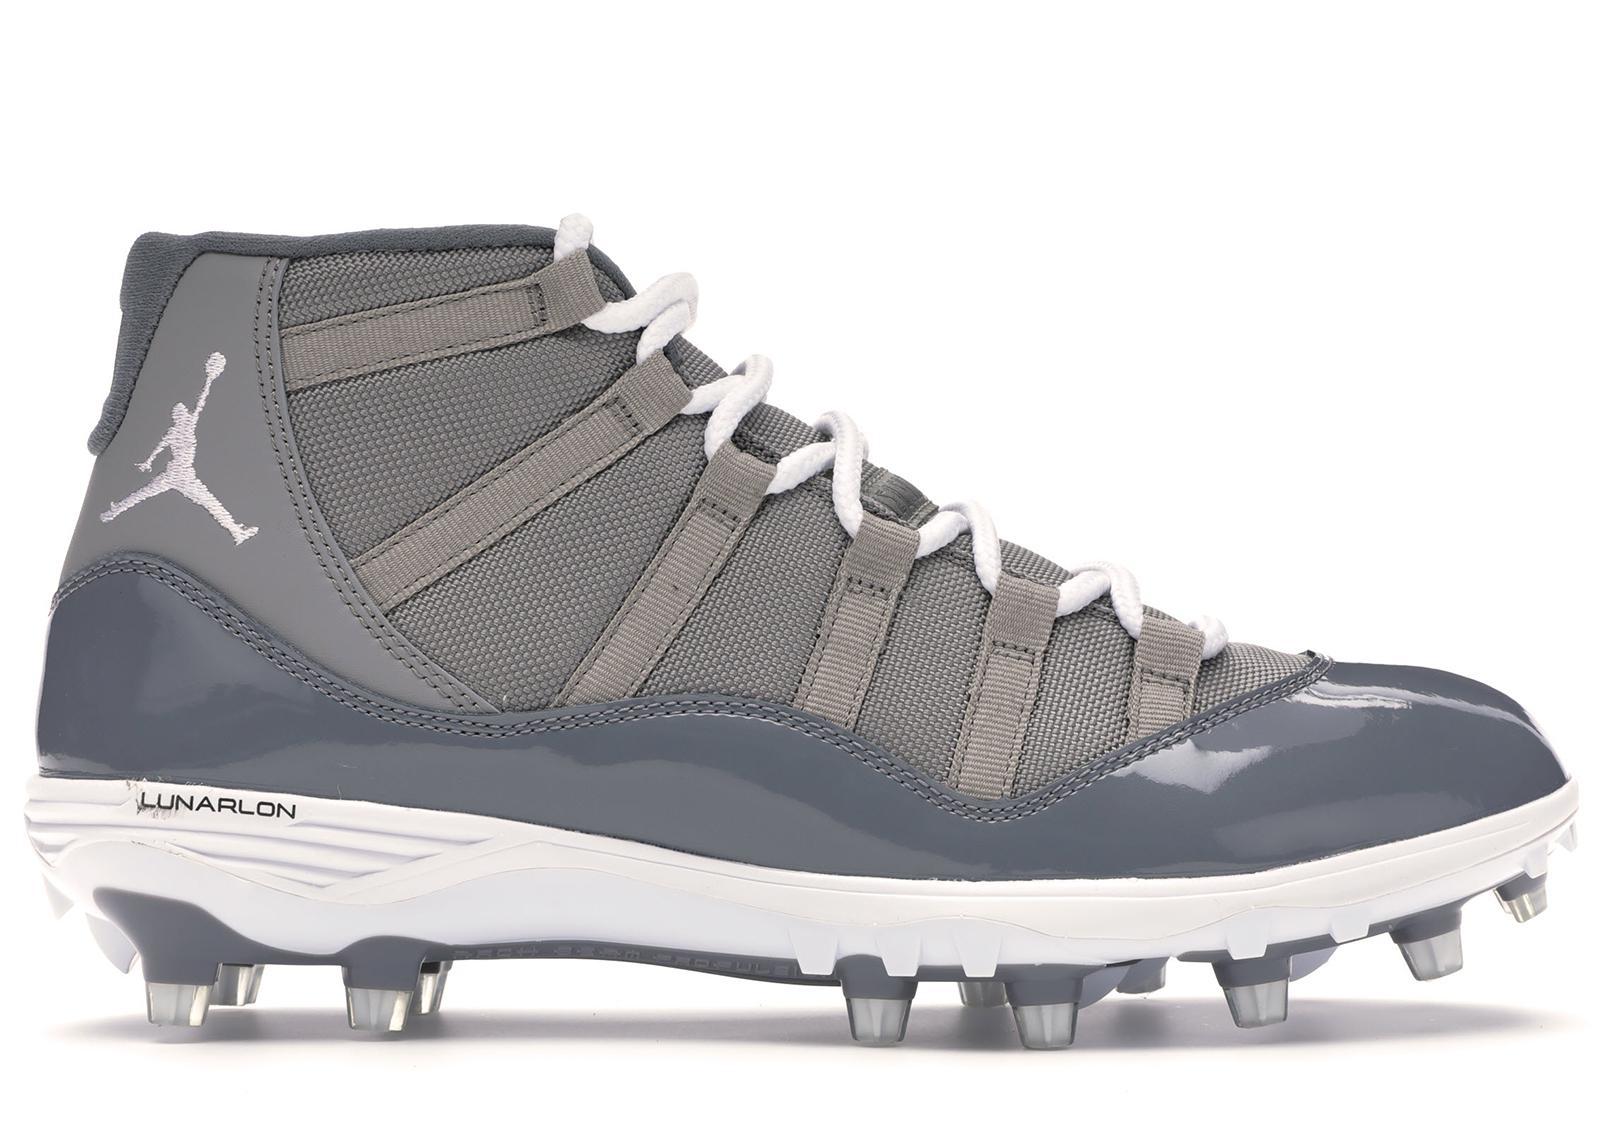 Jordan 11 Retro Cleat Cool Grey